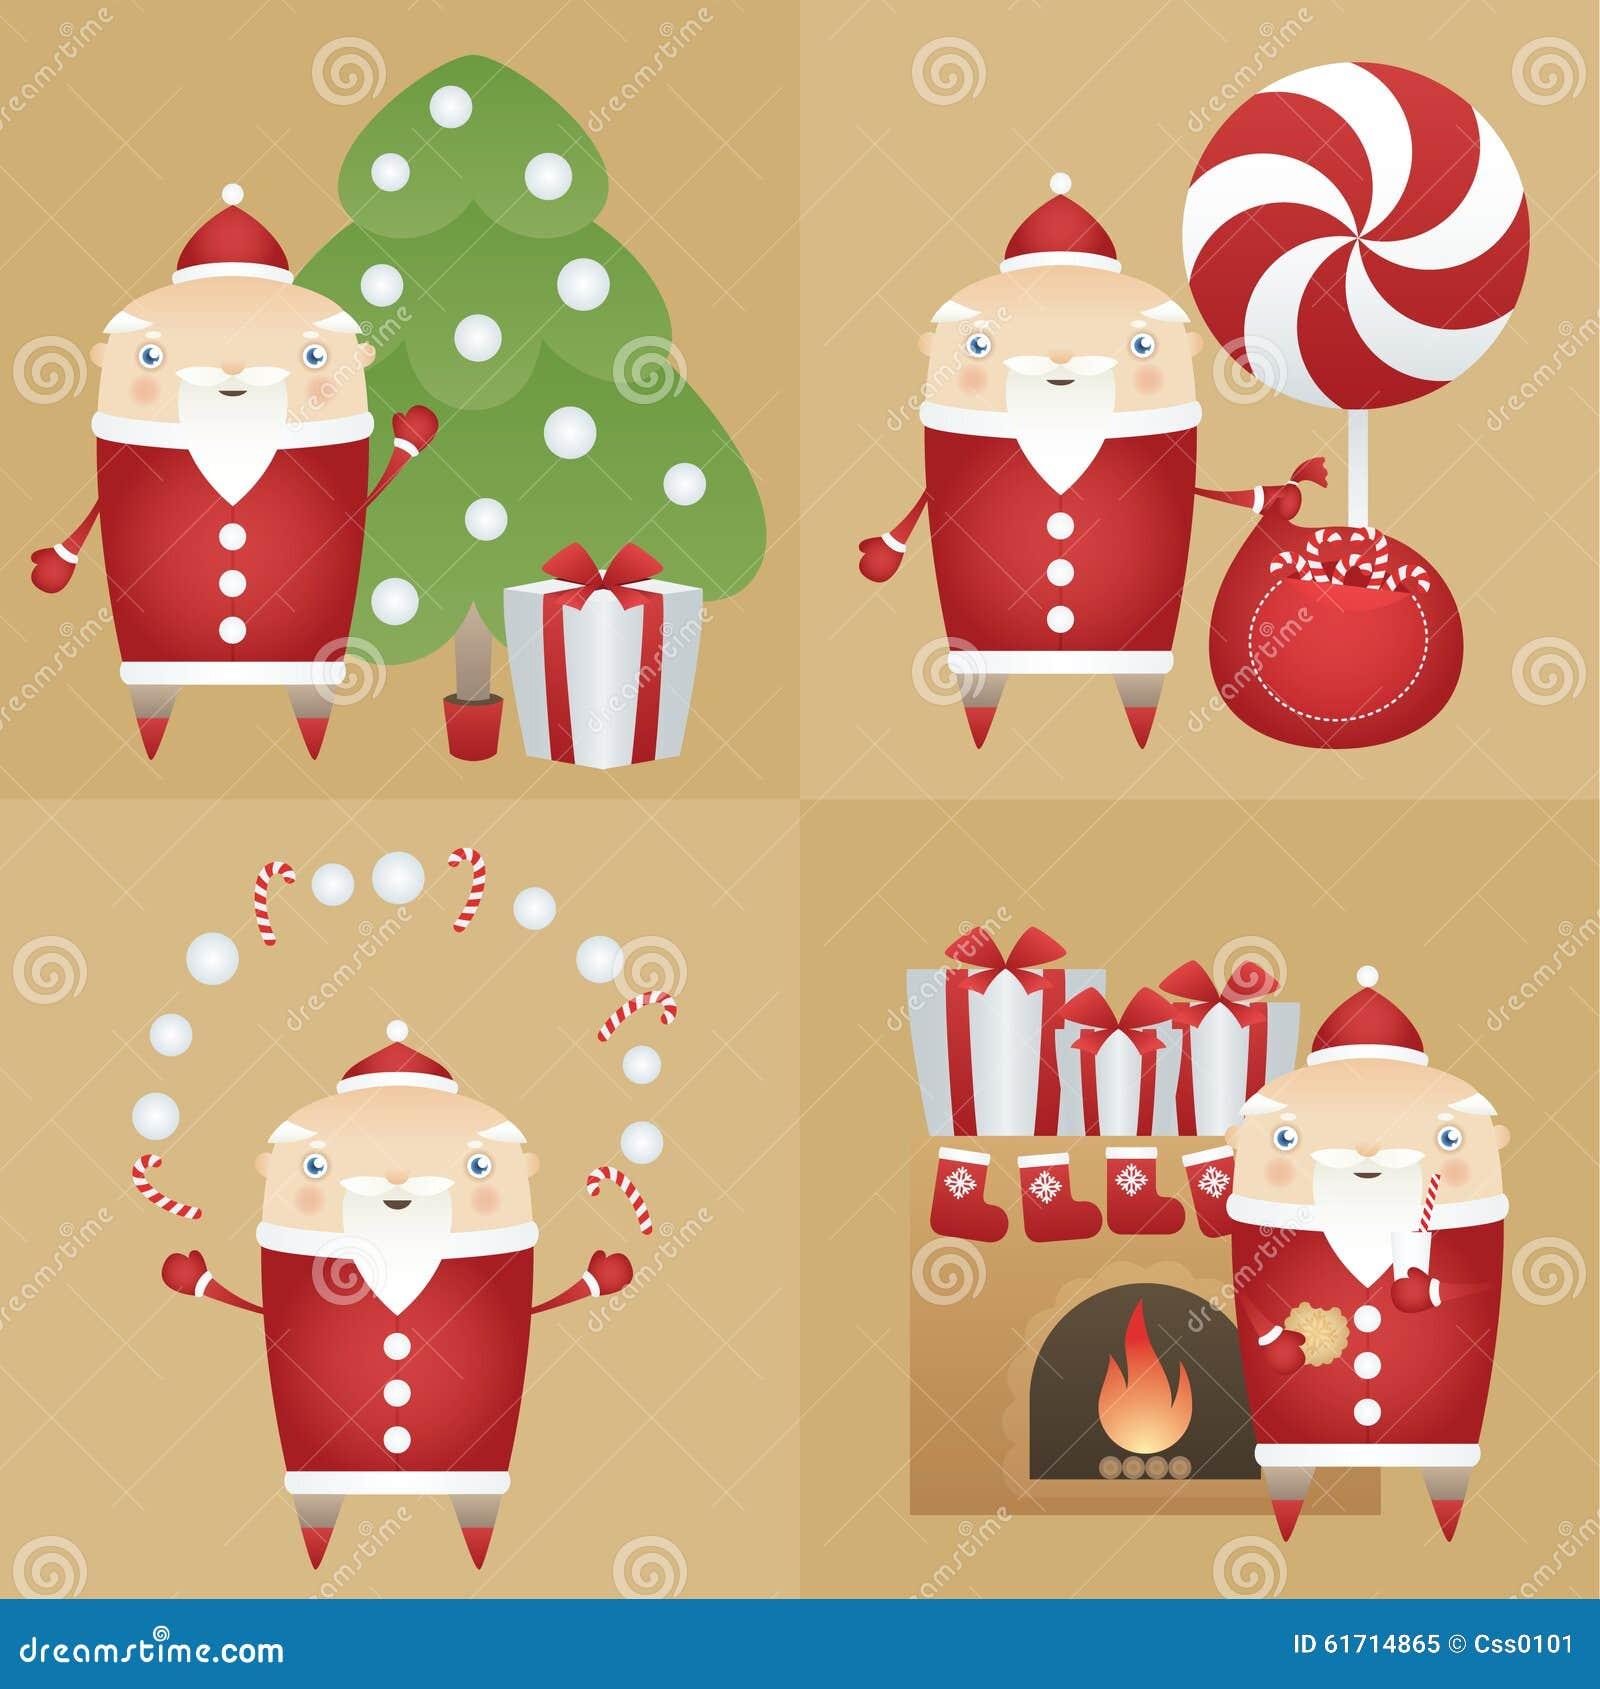 Διανυσματικό επίπεδο εικονίδιο Άγιος Βασίλης συνόλου με το κιβώτιο δώρων, δέντρο πεύκων, σάκος, καραμέλες, μπισκότο, γάλα, εστία